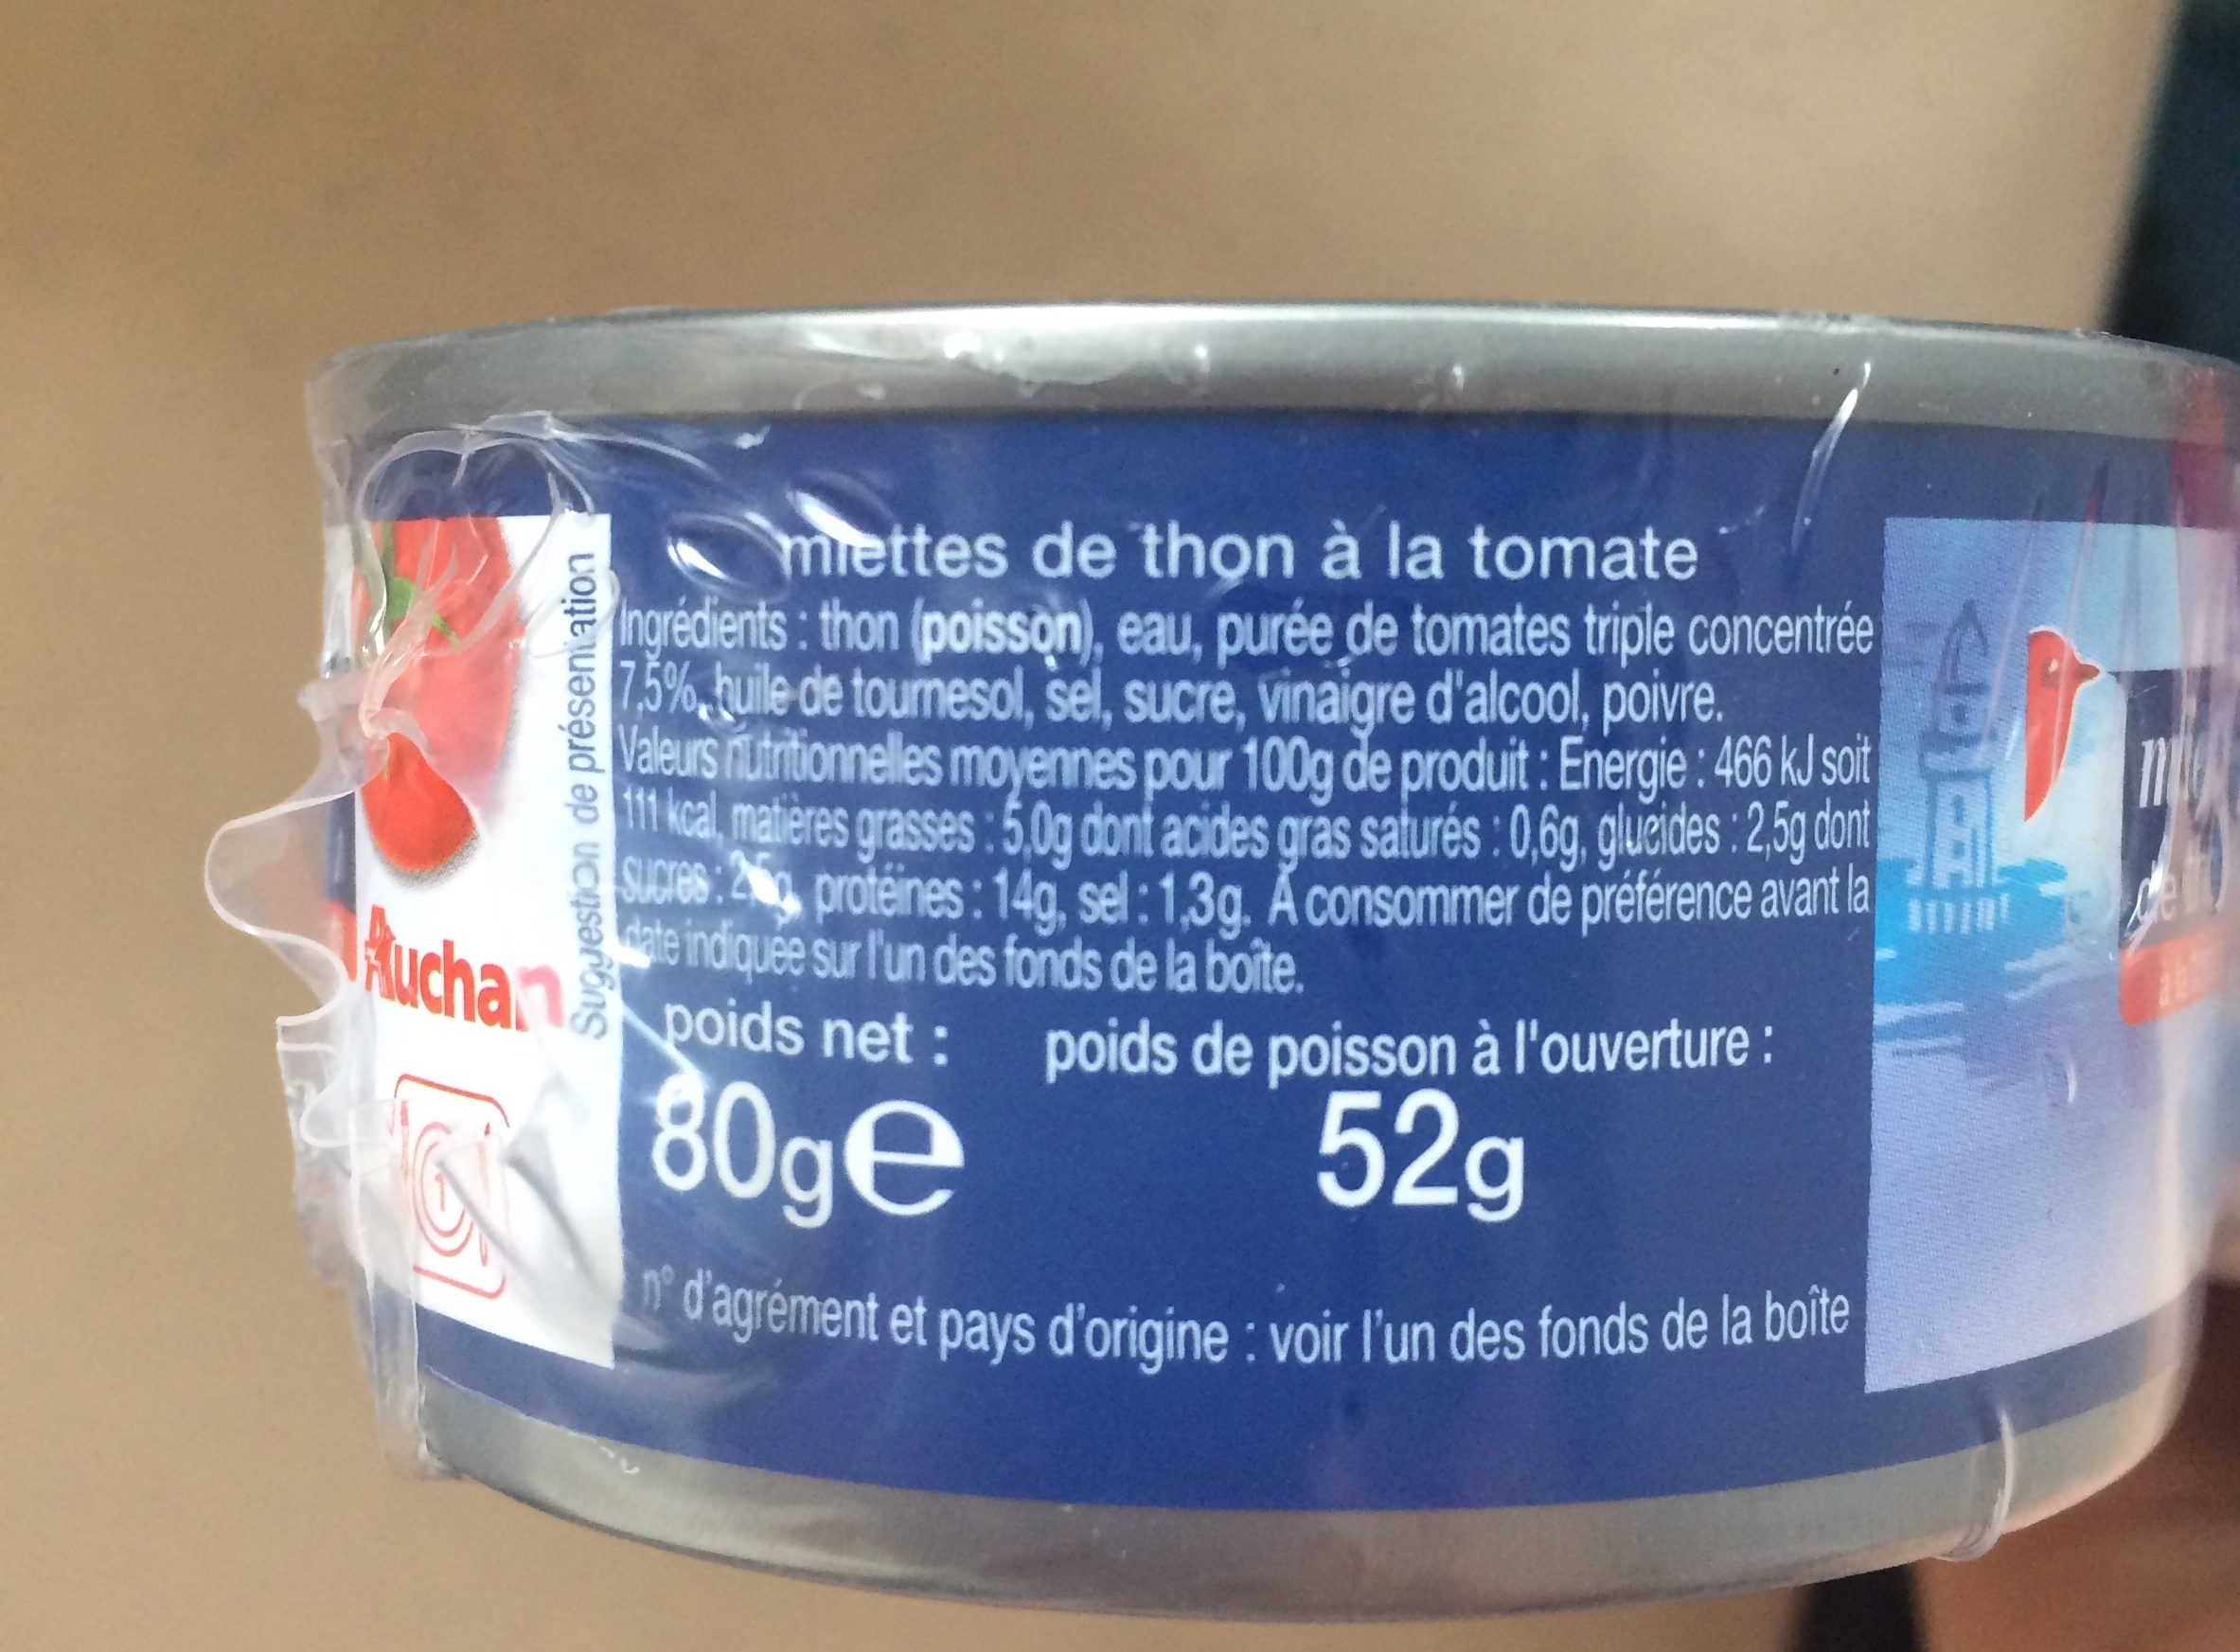 Miettes de thon a la tomate - Ingredienti - fr